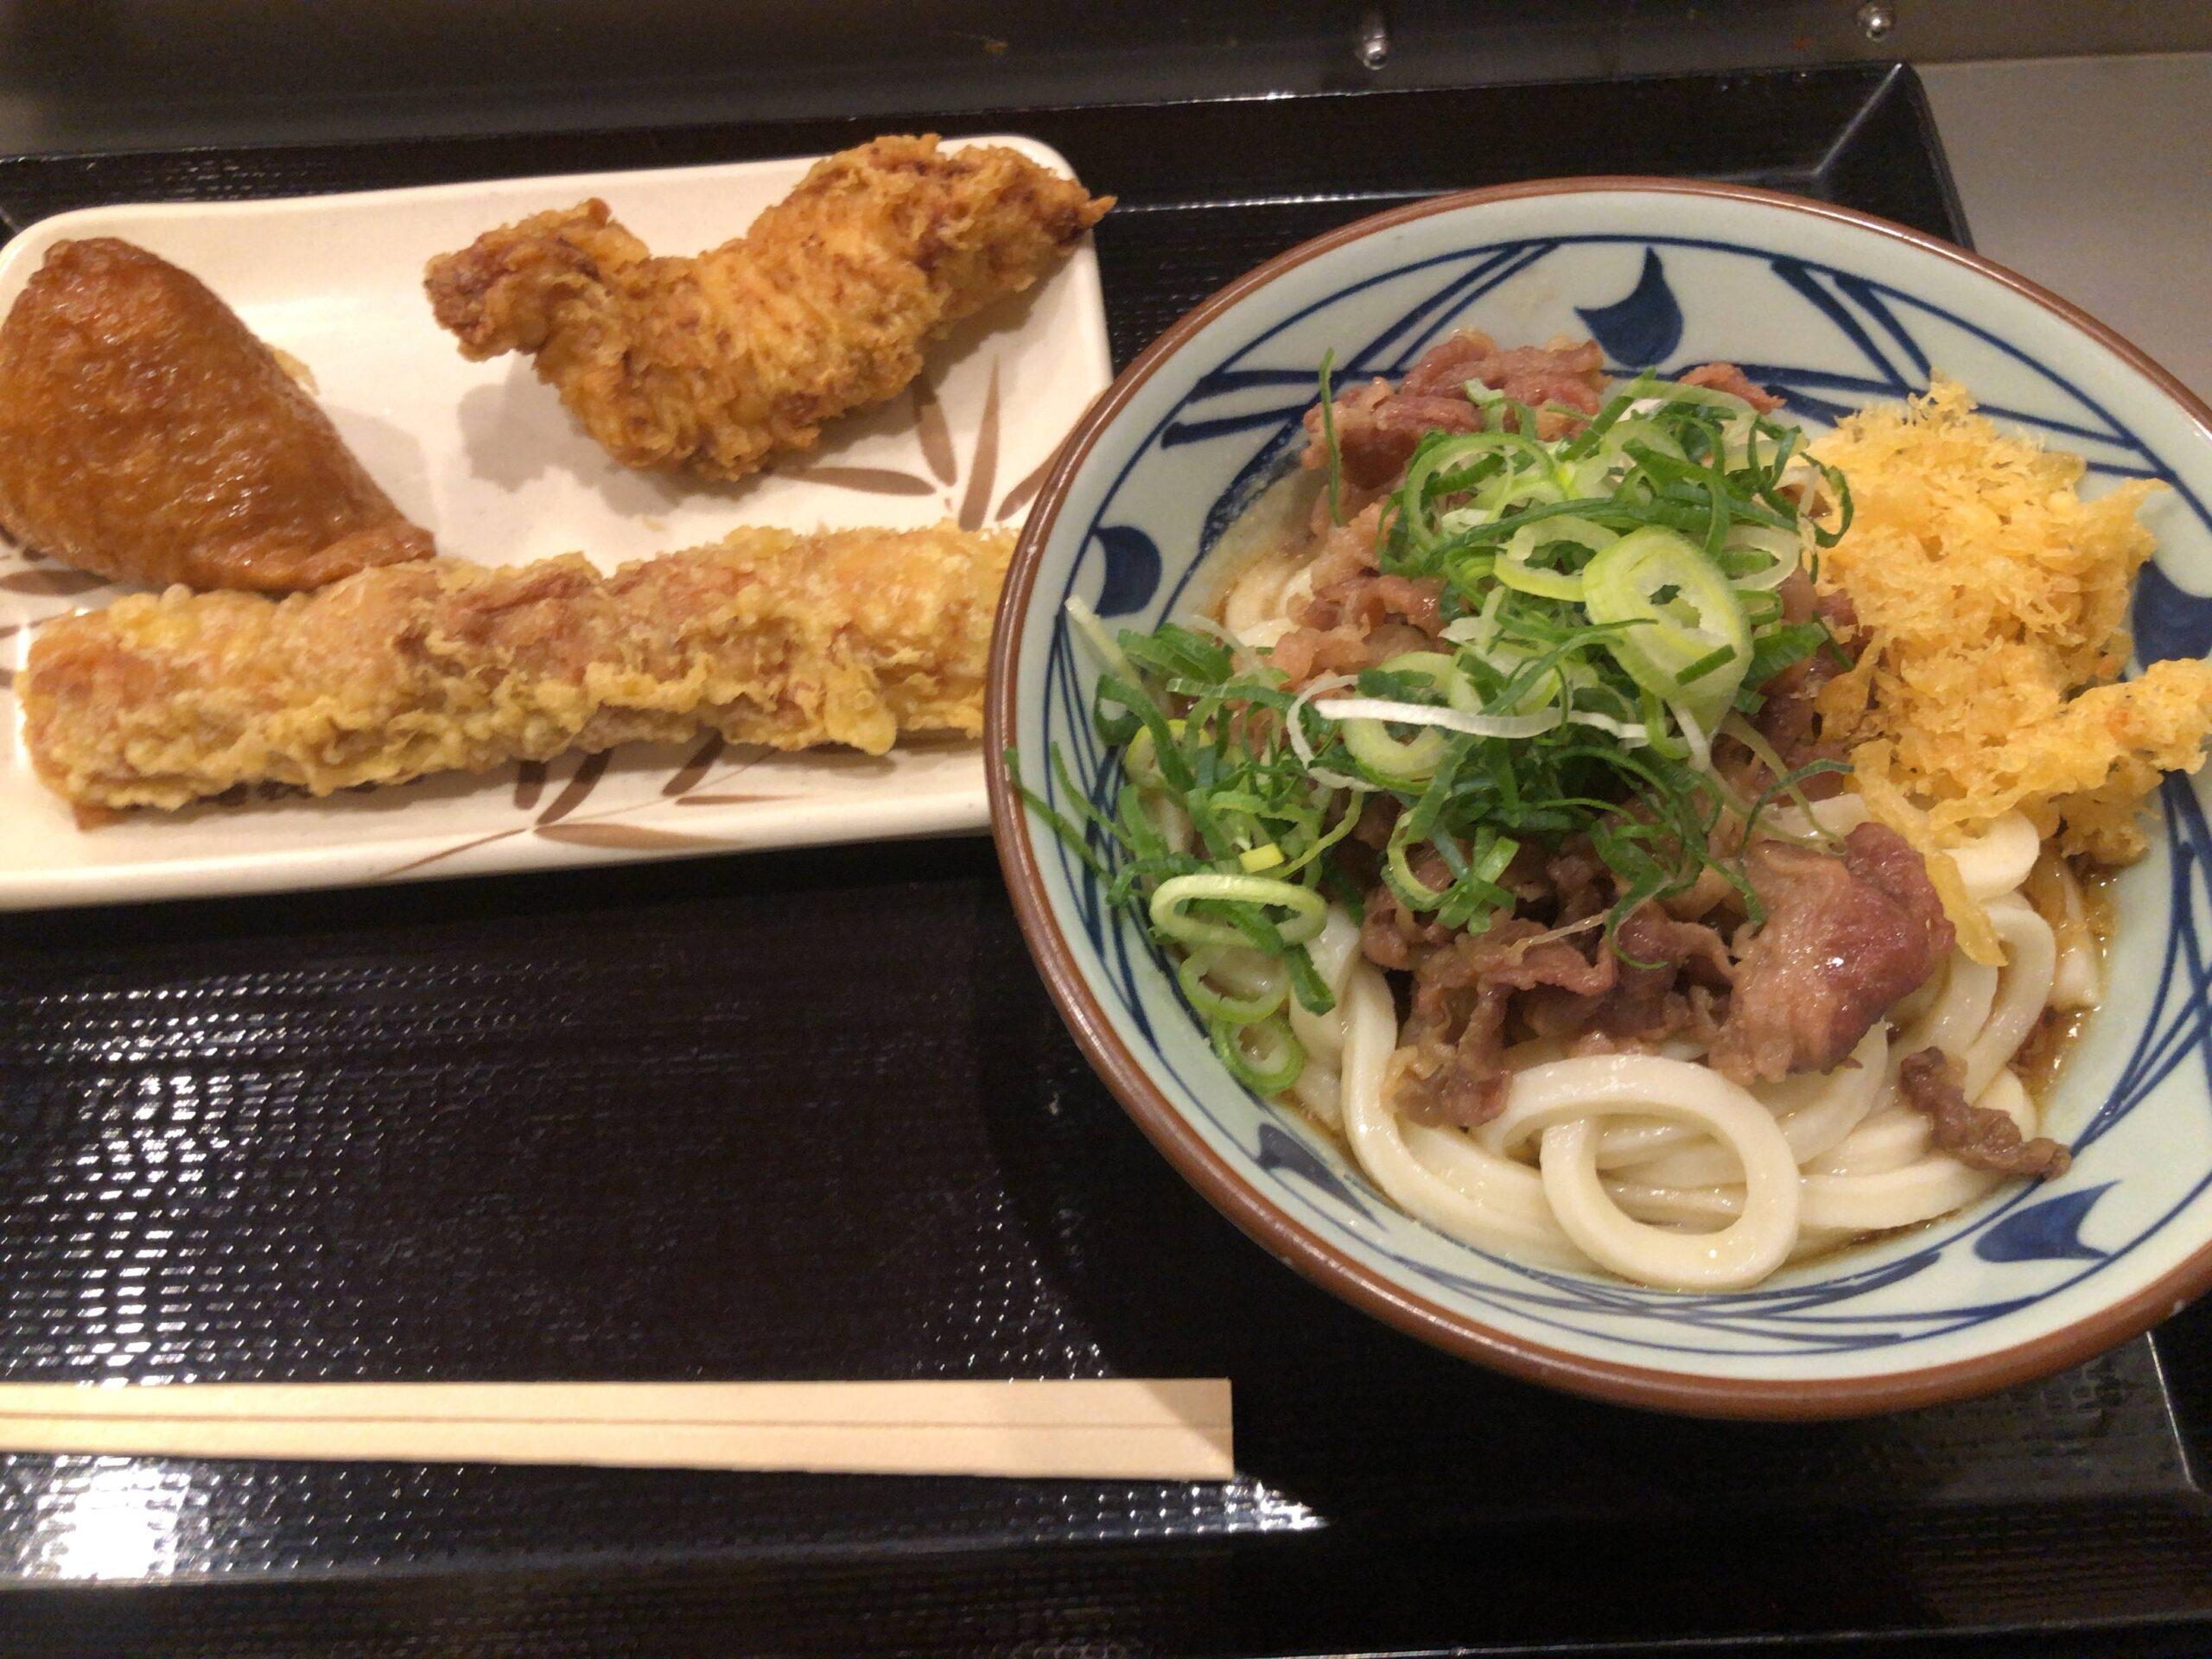 丸亀製麺に冷ぶっかけ肉うどん食べにきたで!!!!!!!!!!